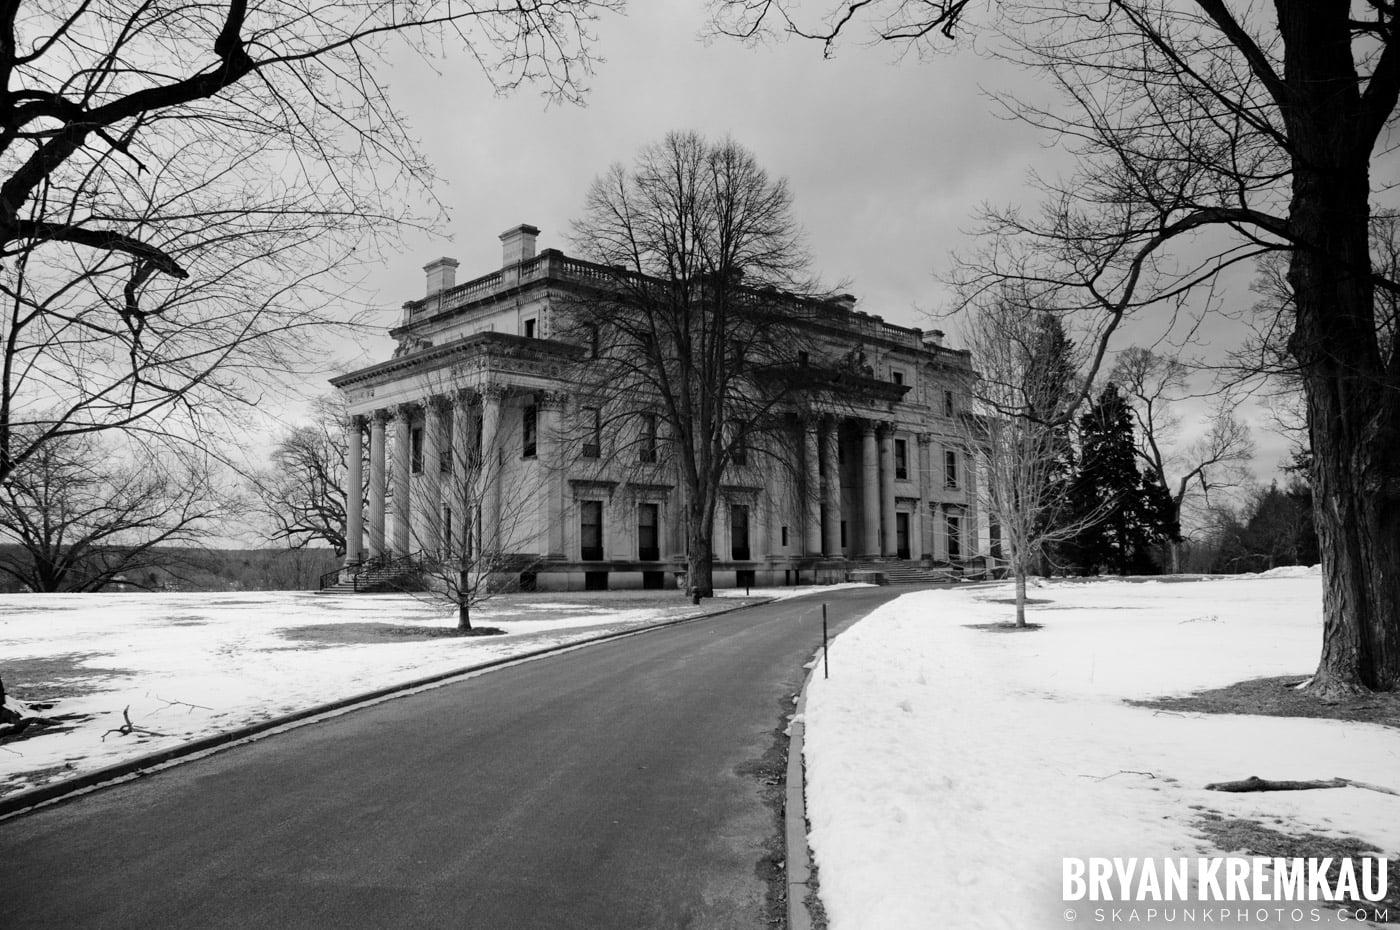 Valentine's Day Trip @ Rhinebeck, FDR's Home, Vanderbilt, Wilderstein Historic Site, NY - 2.14.10 (28)